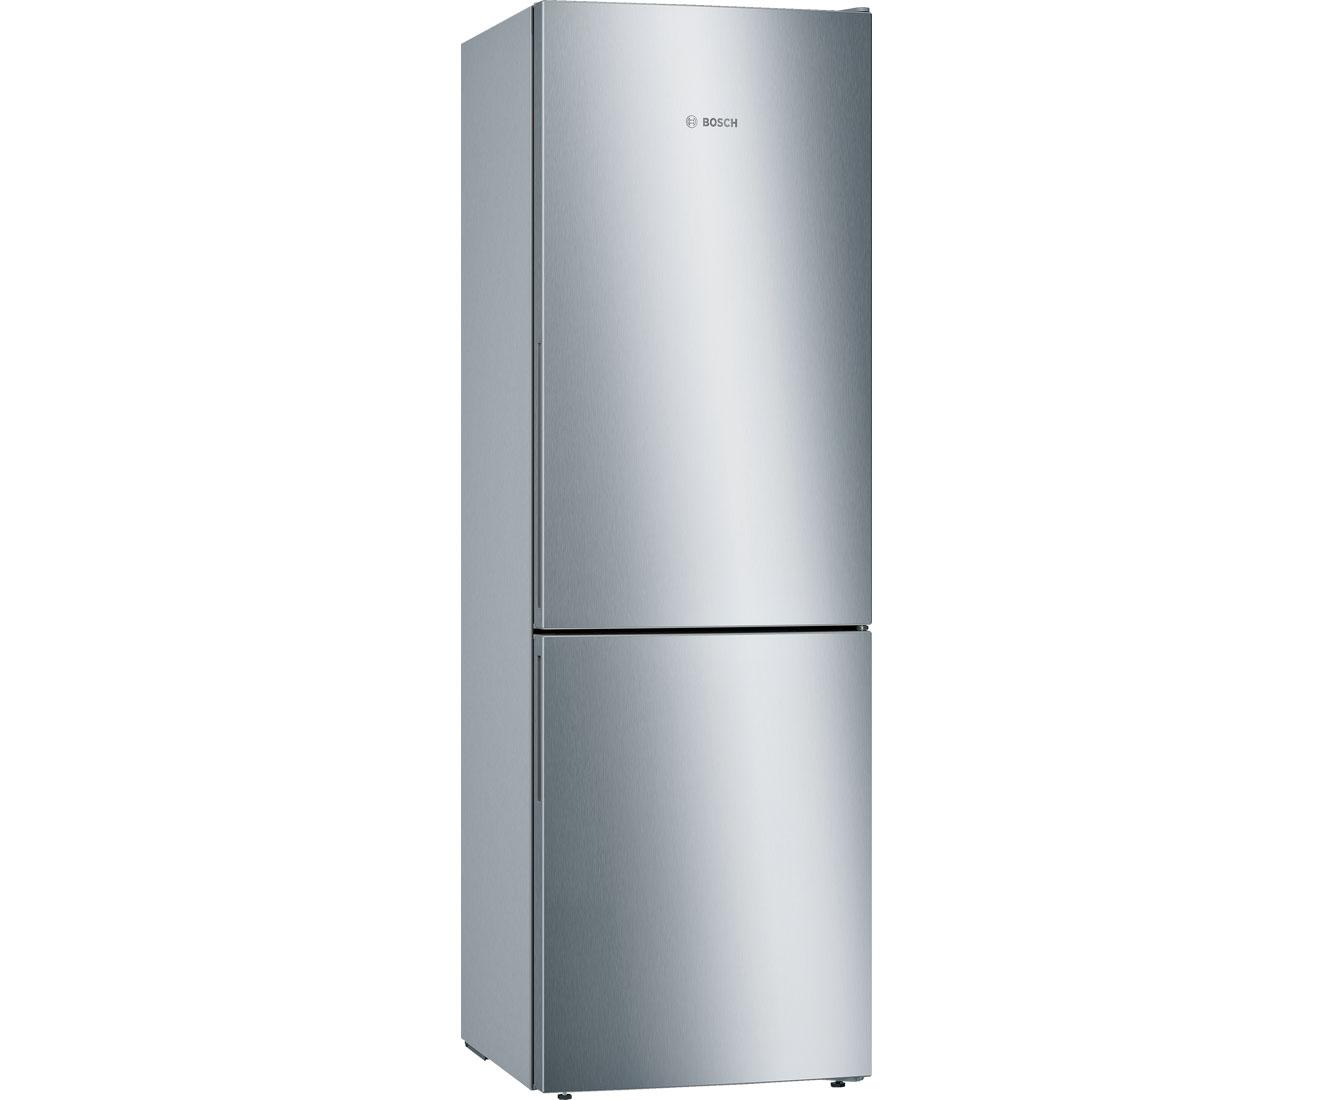 Bosch Kühlschrank Kgn 39 Xi 47 : Weiss edelstahl kühl gefrierkombis online kaufen möbel